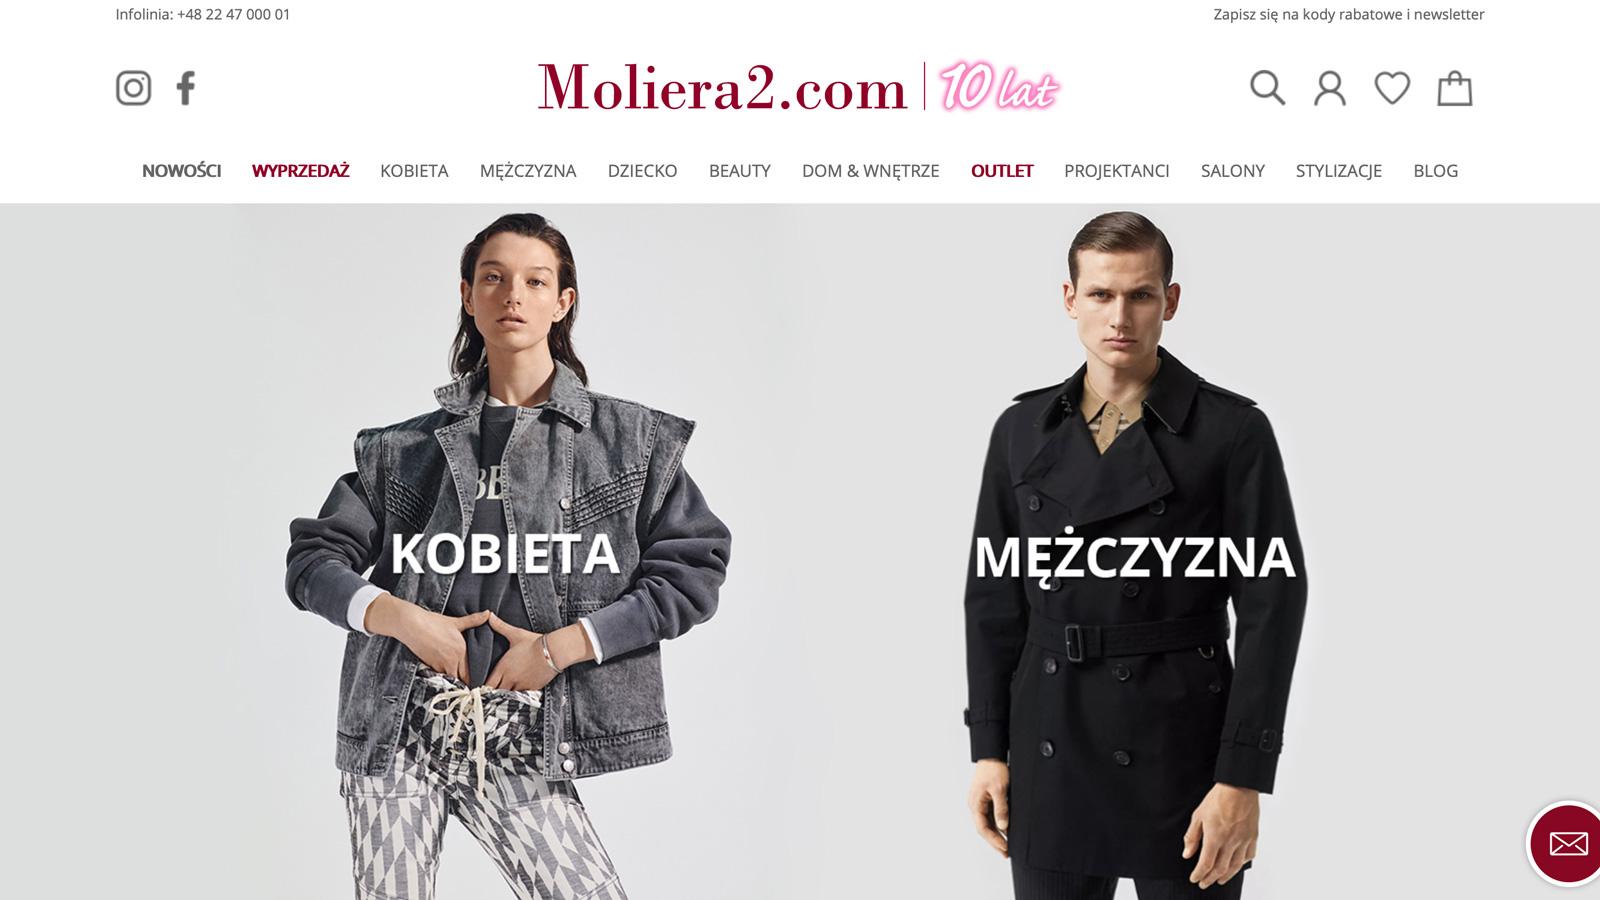 Wspólne działanie w sieci metodą na przetrwanie kryzys mediarun moliera2 e commerce 2020